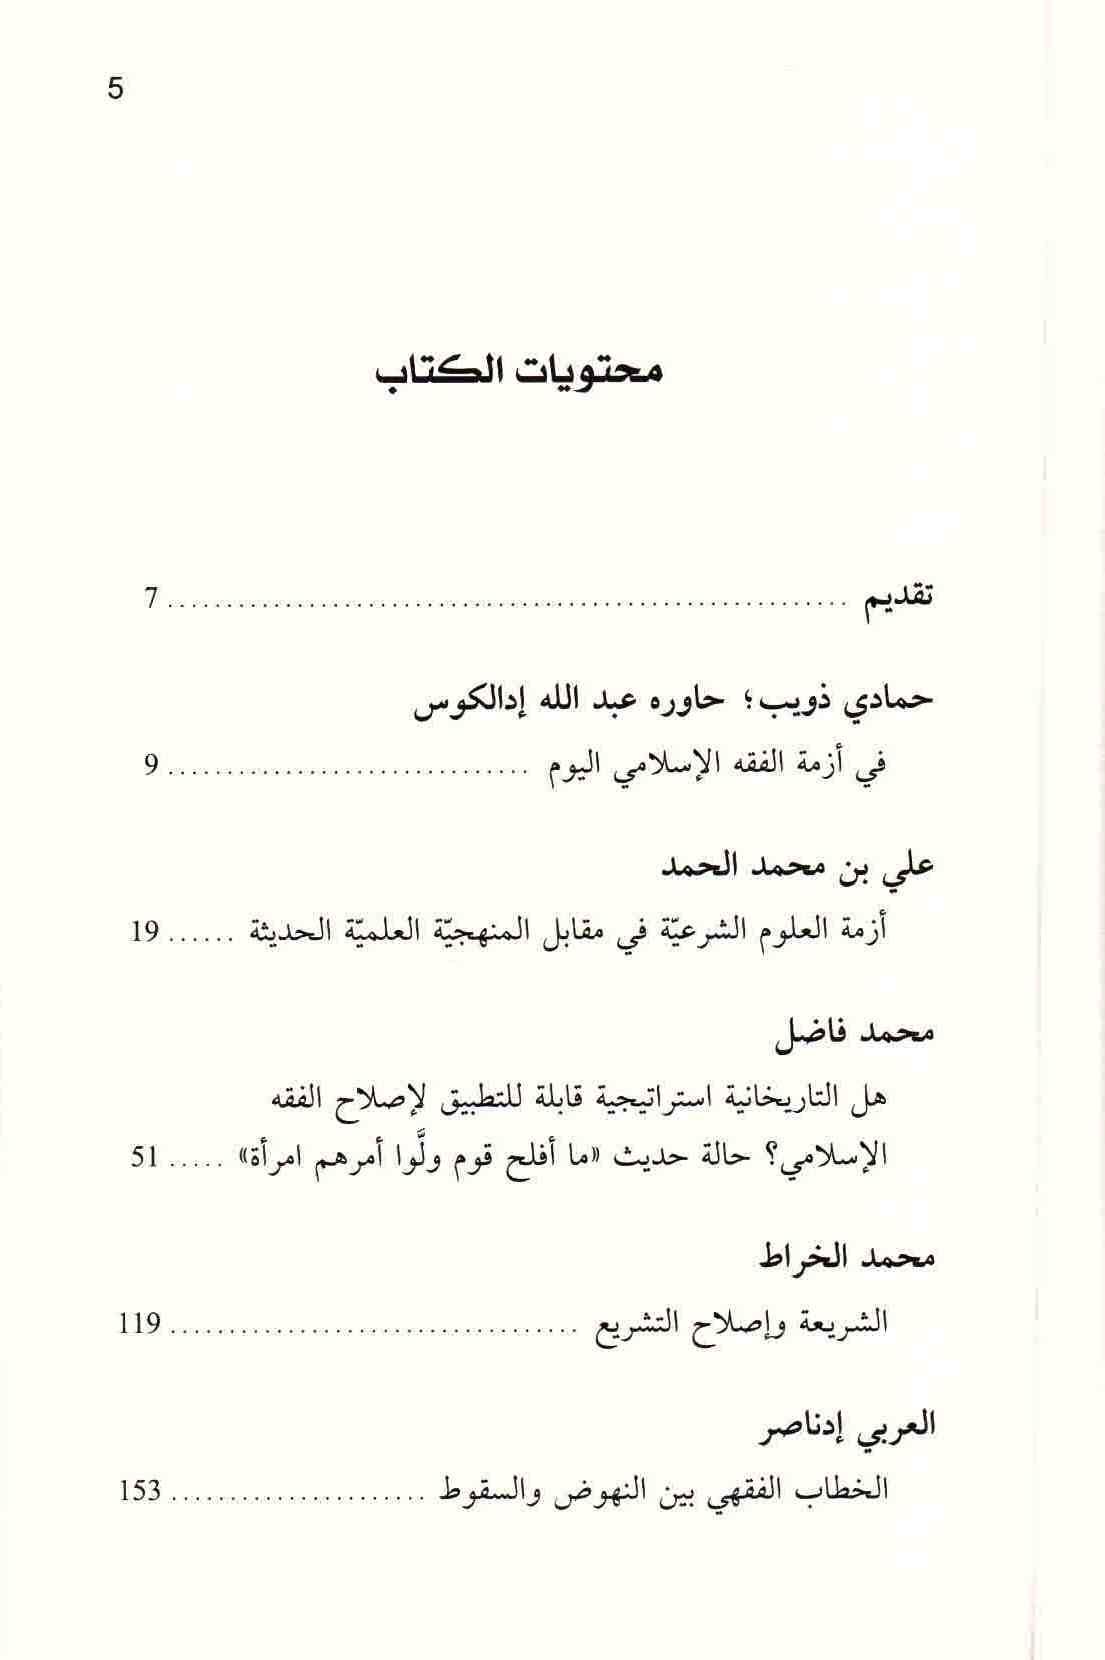 ص 5 محتويات كتاب قضايا منهجية في الفقه والتشريع الإسلامي